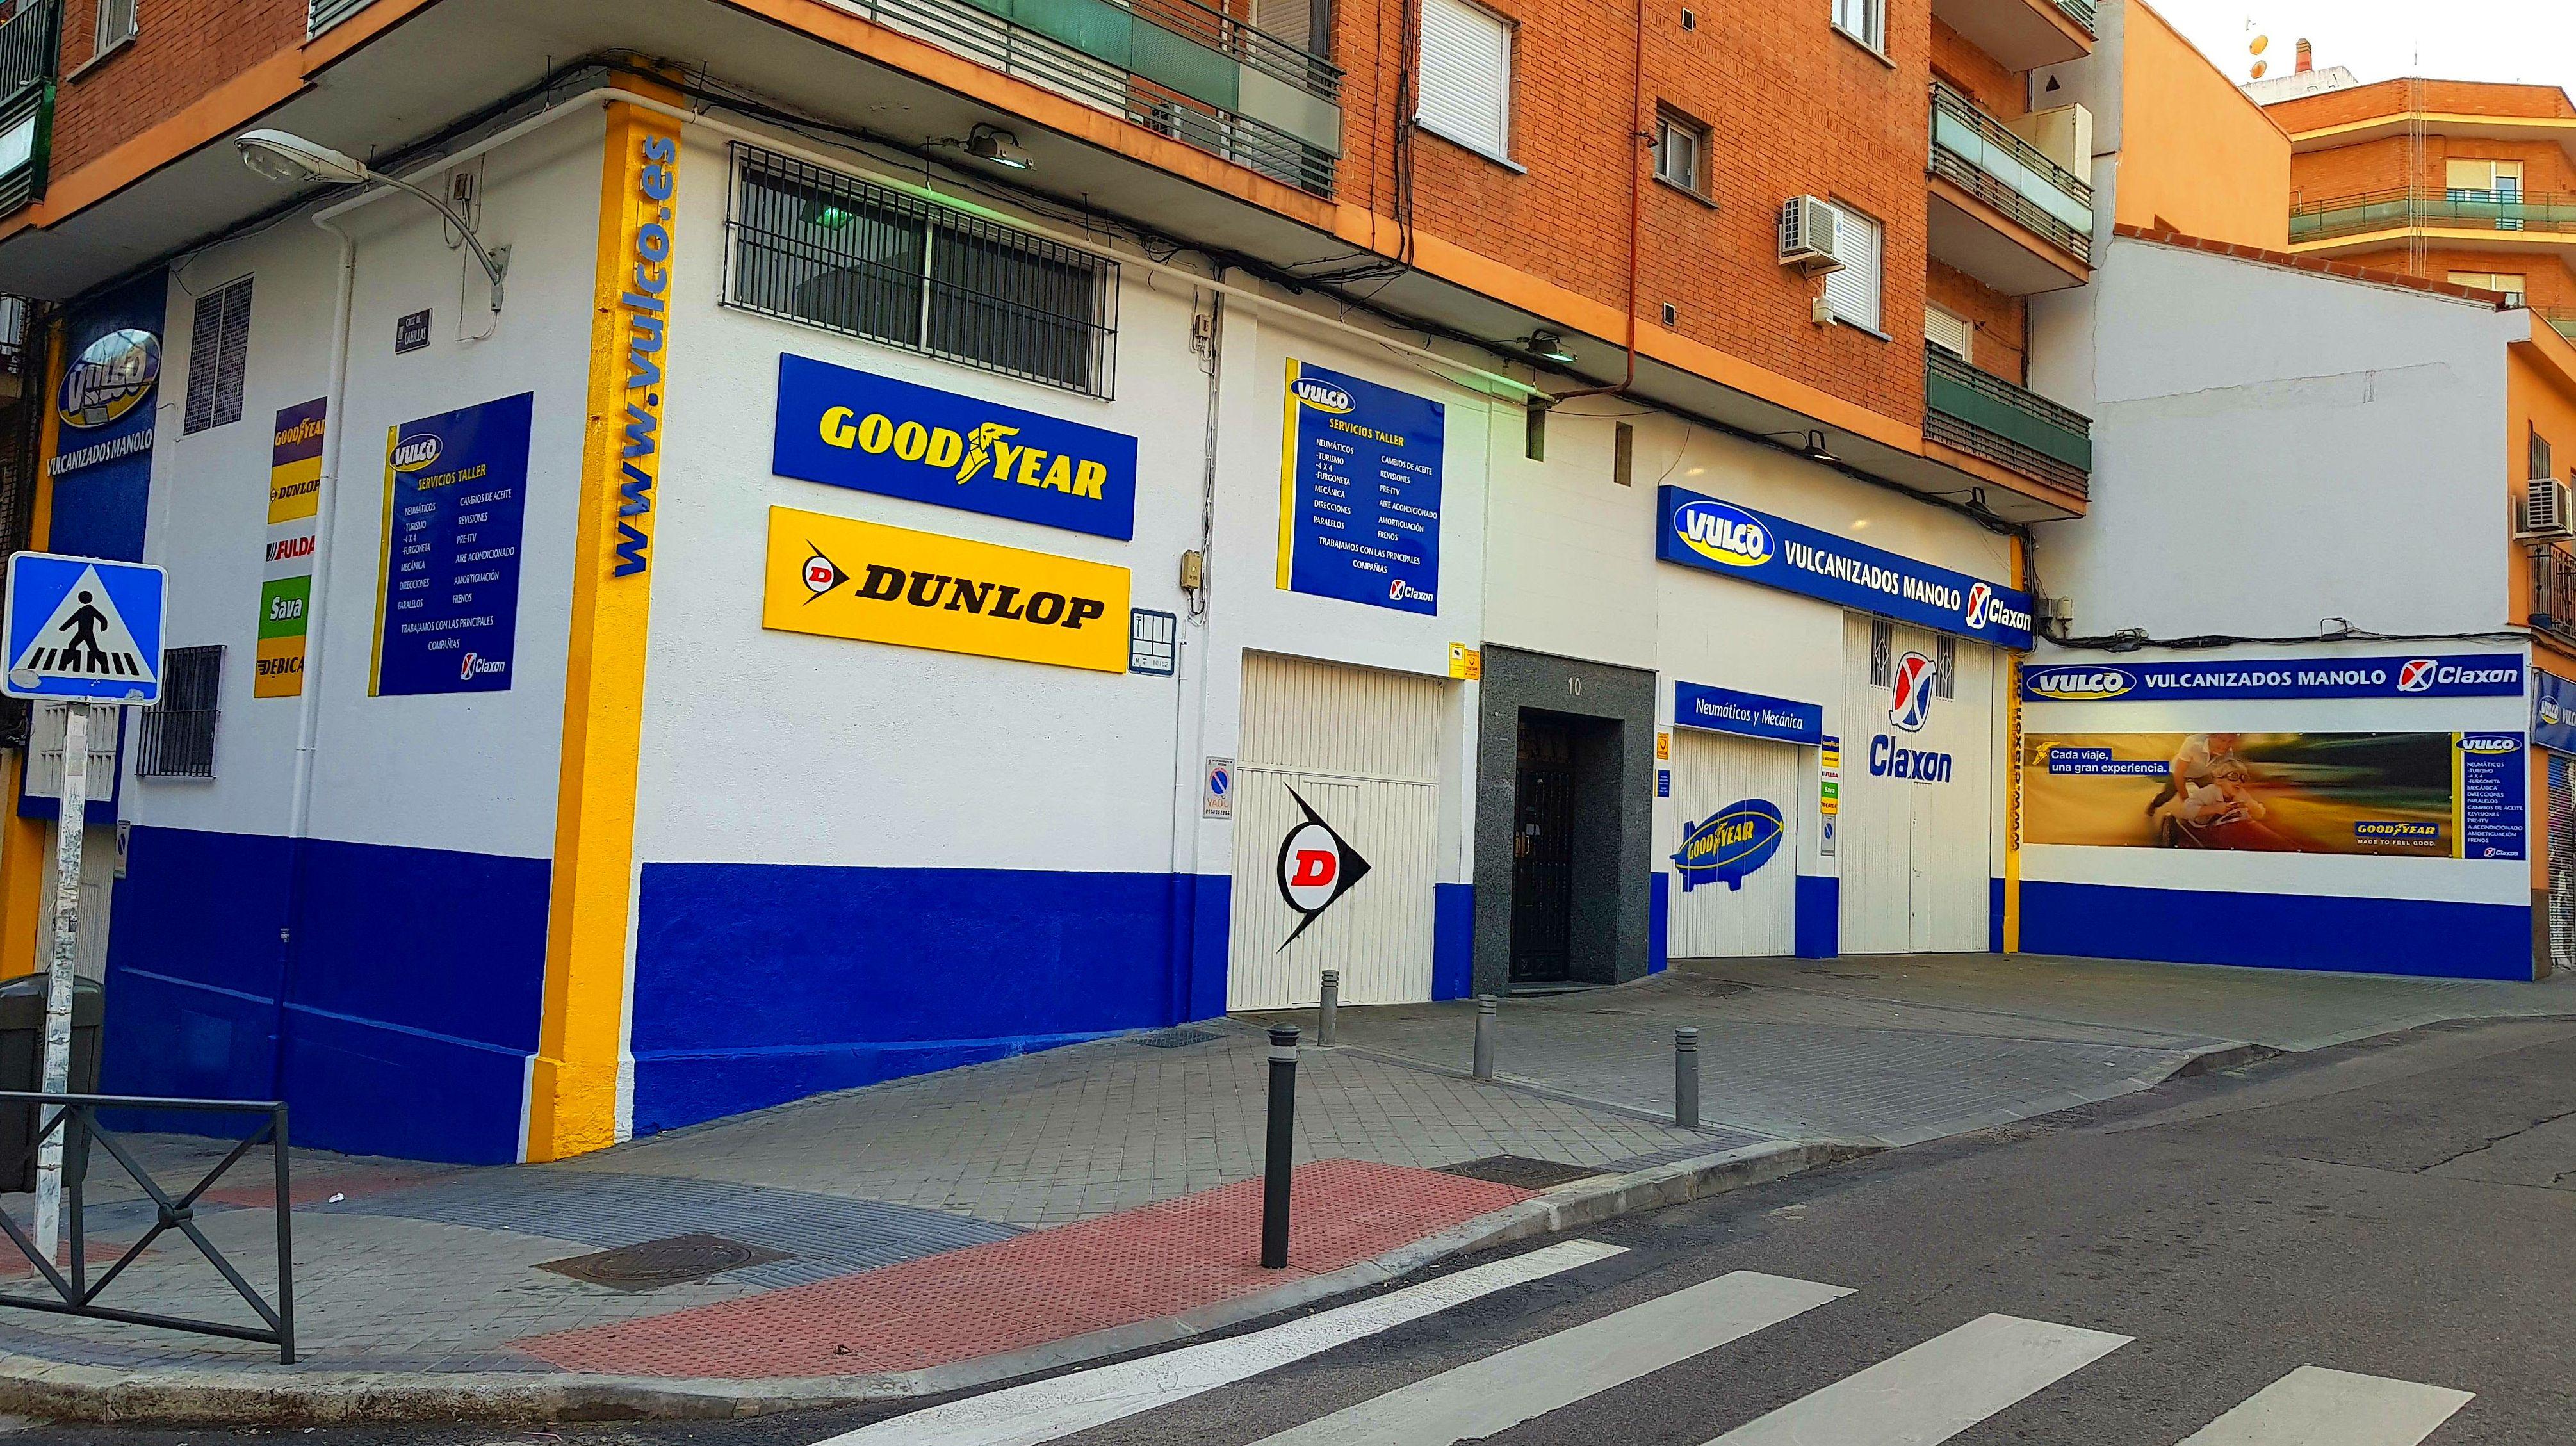 Foto 10 de Neumáticos en Madrid | Claxon Vulcanizados Manolo